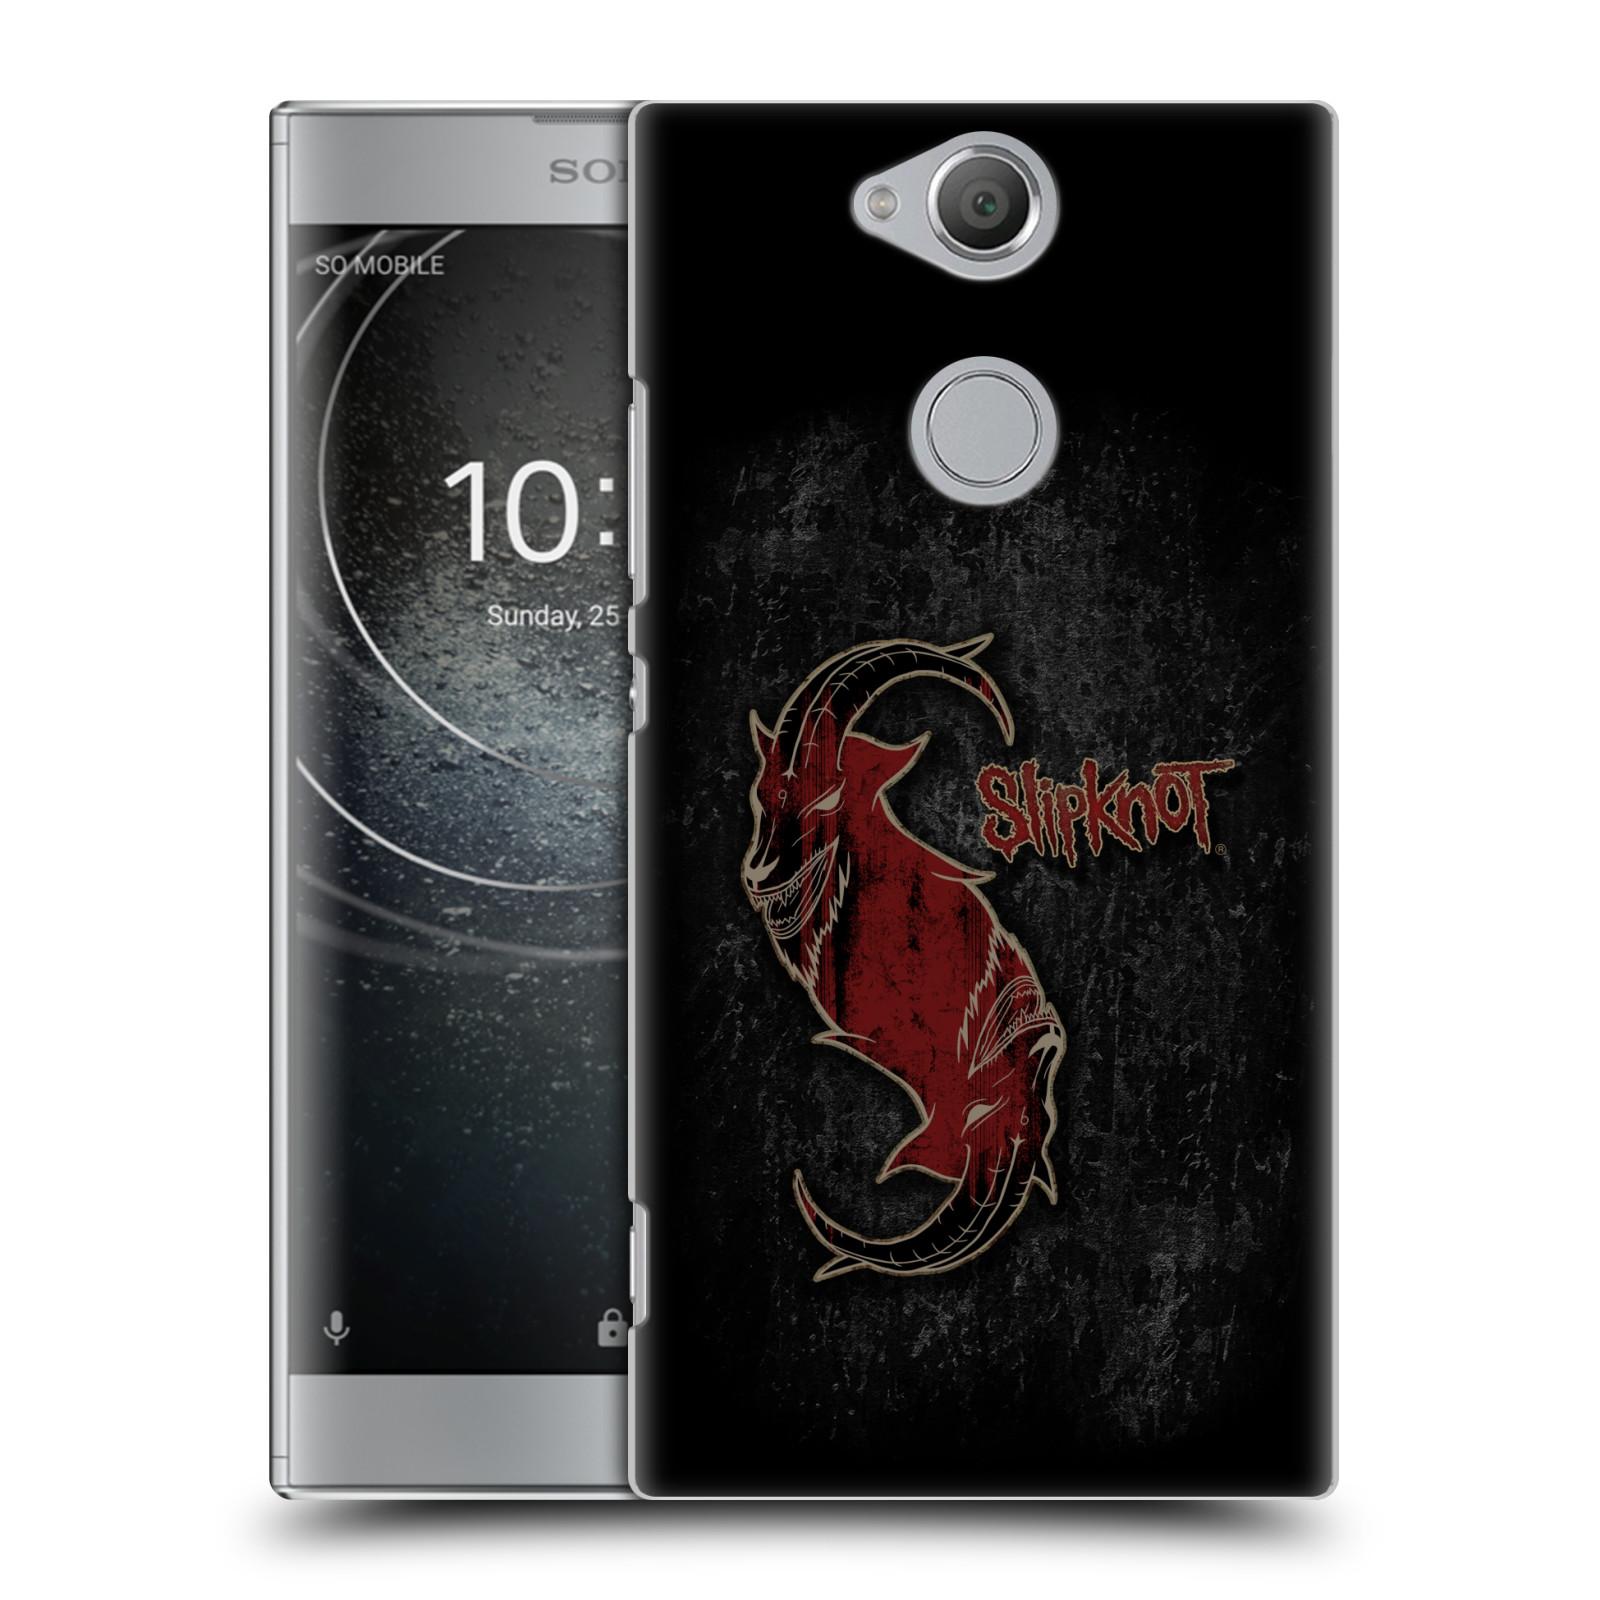 Plastové pouzdro na mobil Sony Xperia XA2 - Head Case - Slipknot - Rudý kozel